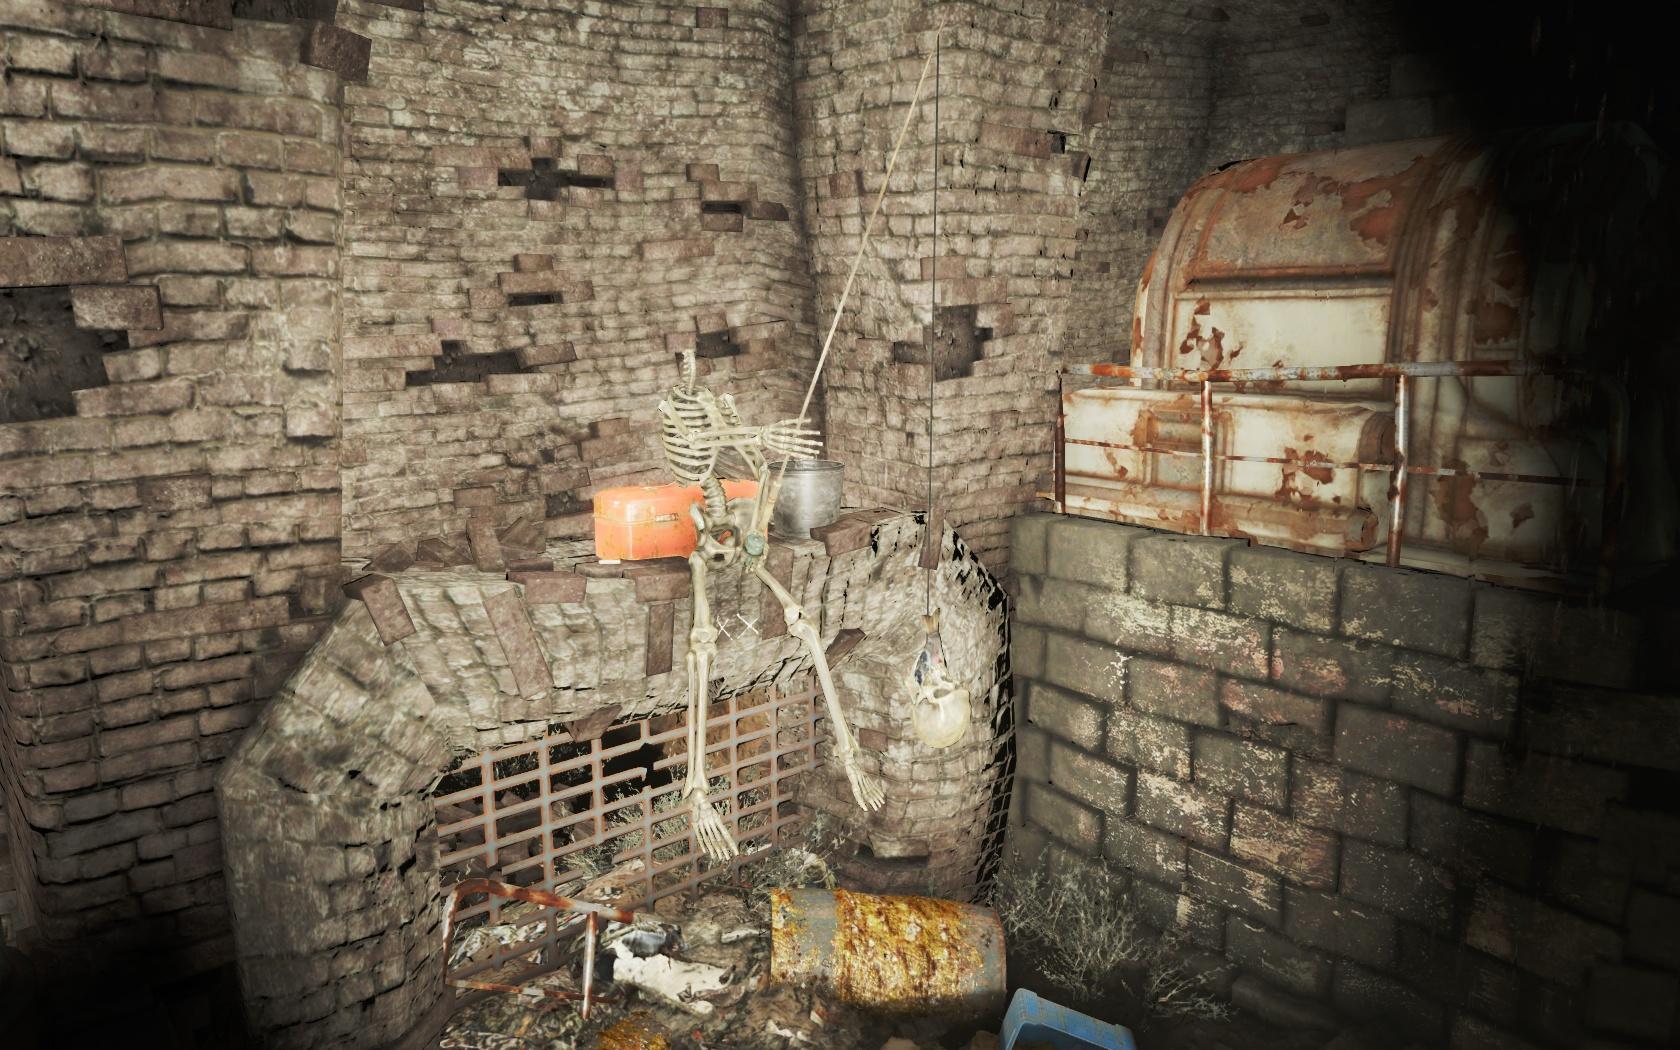 Рыбак (Канализация Фенс-стрит) - Fallout 4 Канализация, Канализация Фенс-стрит, скелет, Фенс, Фенс-стрит